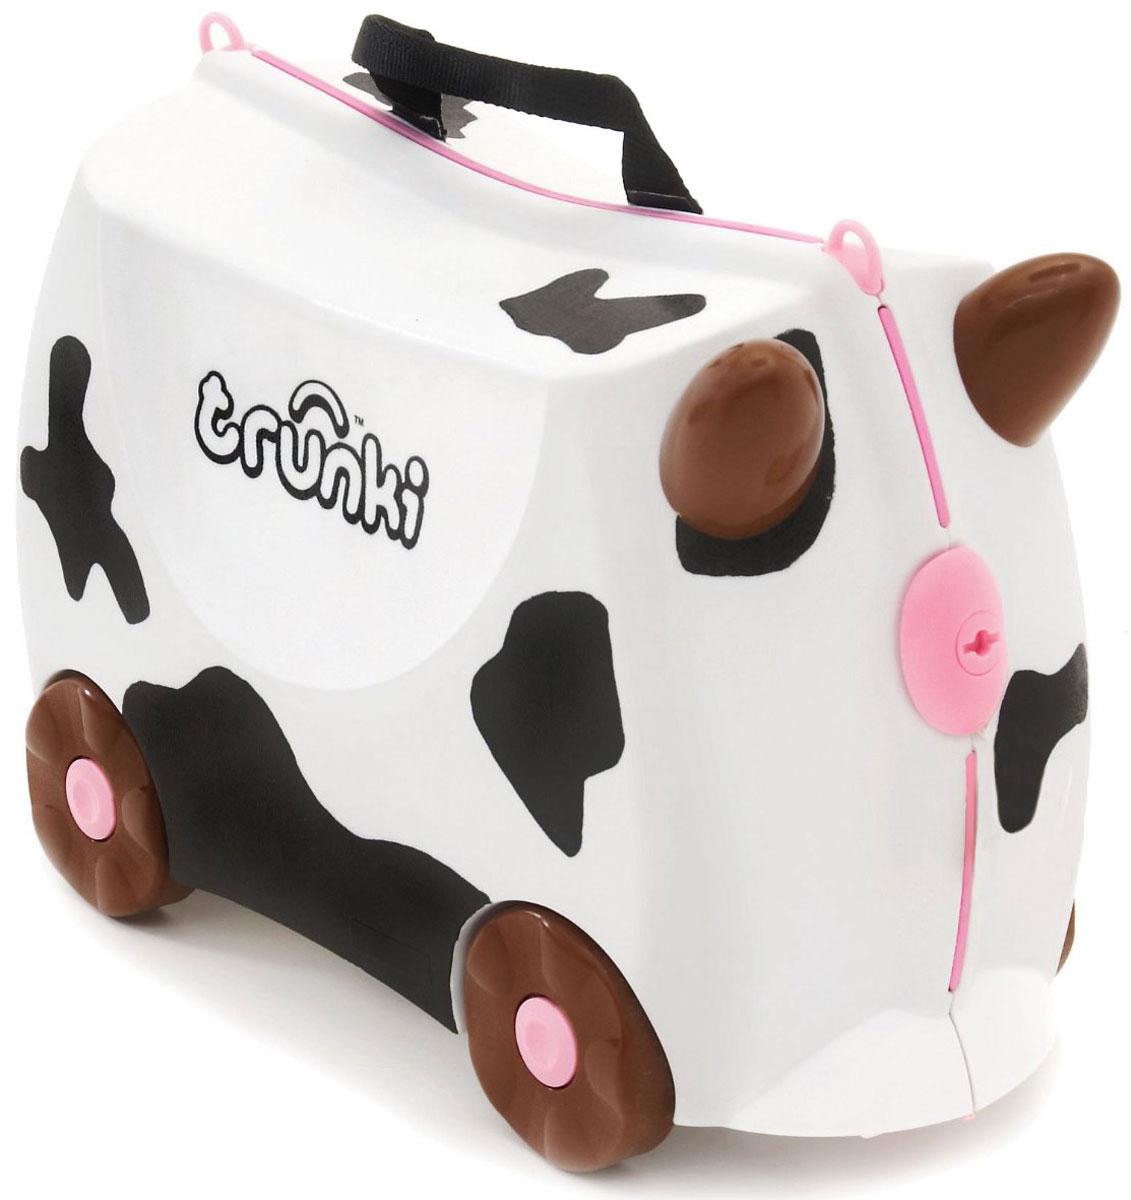 Trunki Чемодан-каталка Корова Фрида0047-GB01Детский чемодан-каталка Trunki Корова Фрида - оригинальный чемодан на колесах, созданный, чтобы избавить маленьких путешественников от скуки и усталости. Корпус чемодана выполнен в форме седла, чтобы маленькому наезднику было комфортно сидеть. Чемодан представлен в белом цвете с черными пятнами в виде коровы. Малыш может держаться за специальные рожки на передней части чемодана. Форма рожек специально разработана для детских ручек. Чемодан имеет 4 колеса и стабилизаторы, которые не позволят чемодану опрокинуться. Для переноски у чемодана предусмотрены 2 текстильные ручки, а также ремень через плечо, который можно использовать для буксировки чемодана. Чемодан содержит вместительное отделение с фиксирующейся Х- образной резинкой. Также в чемодане имеется длинный кармашек для мелочей. Закрывается чемодан на две защелки. Крышка чемодана плотно прилегает к основанию, уплотнитель между ними не позволит мелким предметам выпасть из него. Чемодан-каталка Trunki...